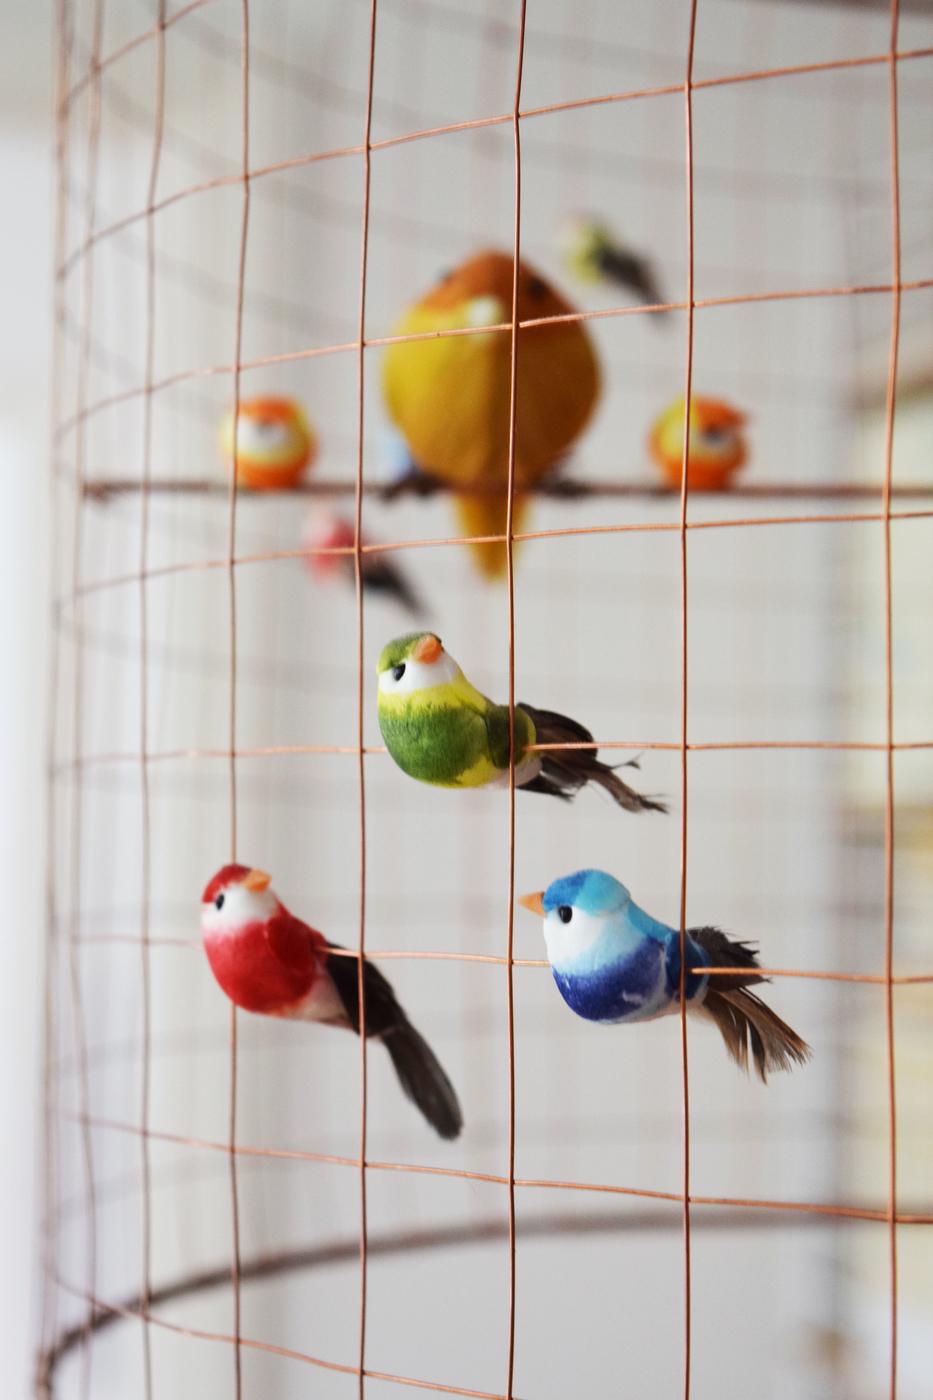 lintulamppu2.jpg